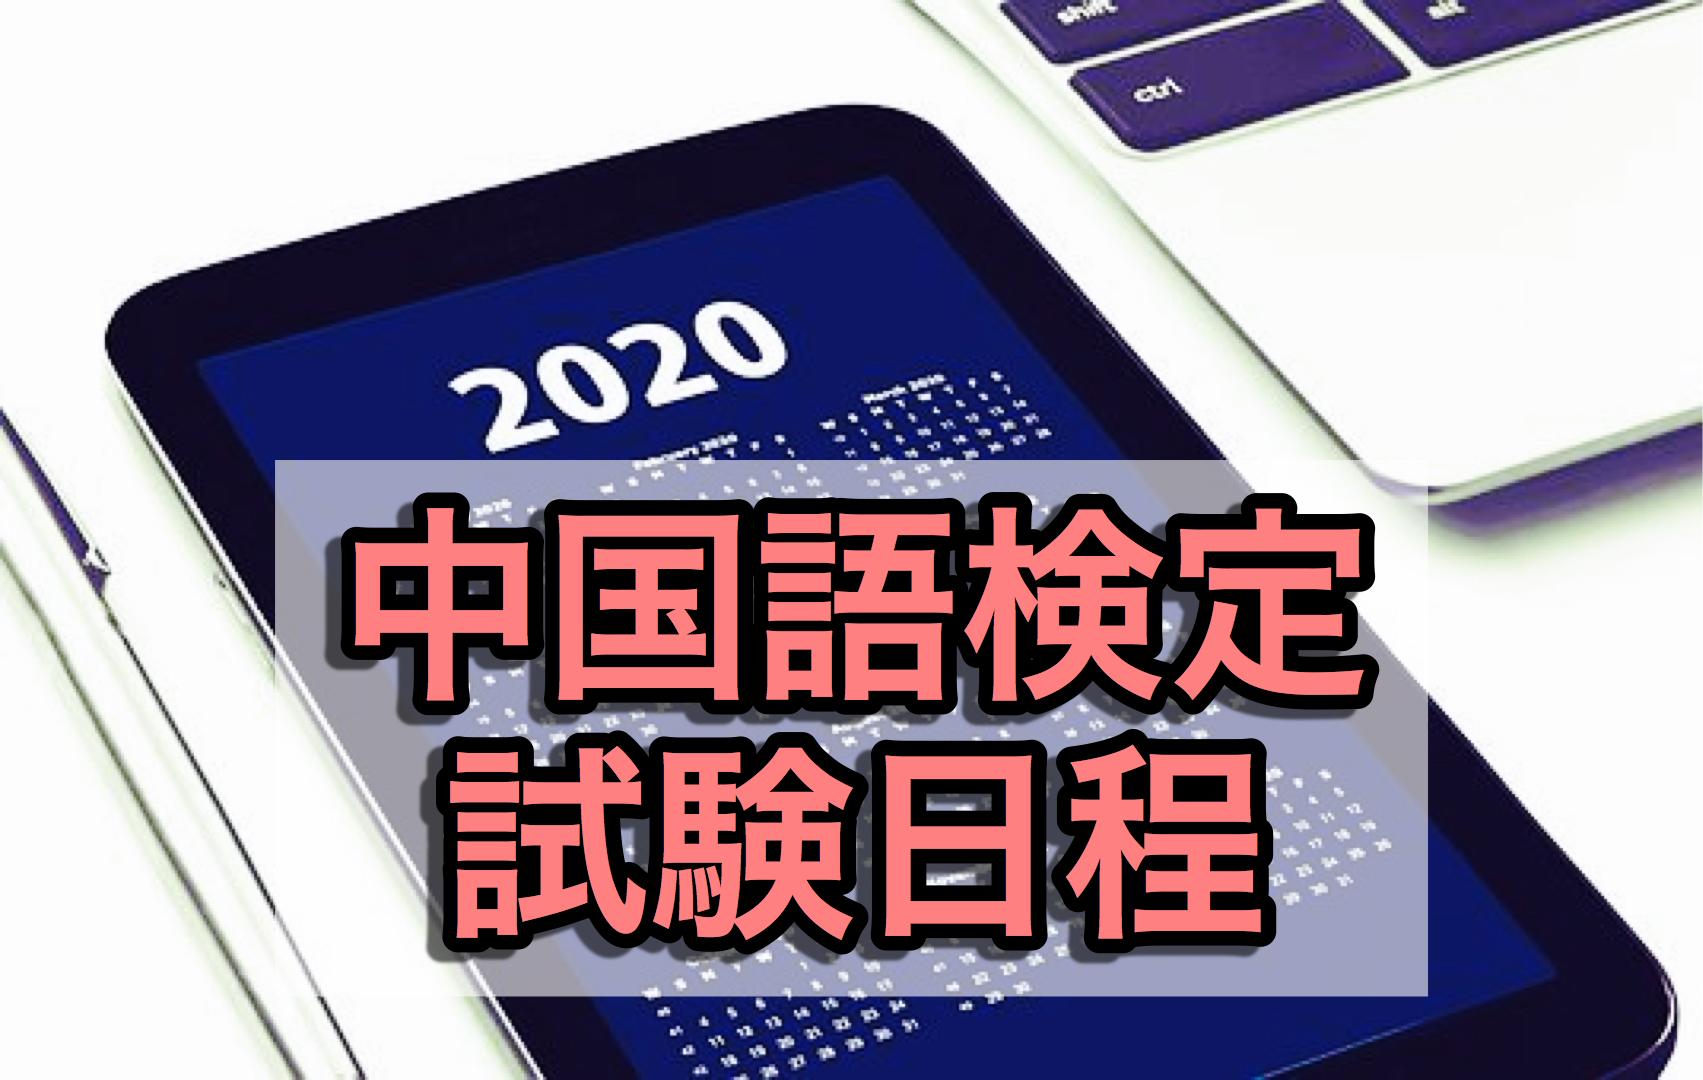 2020年 中国語 検定 日程